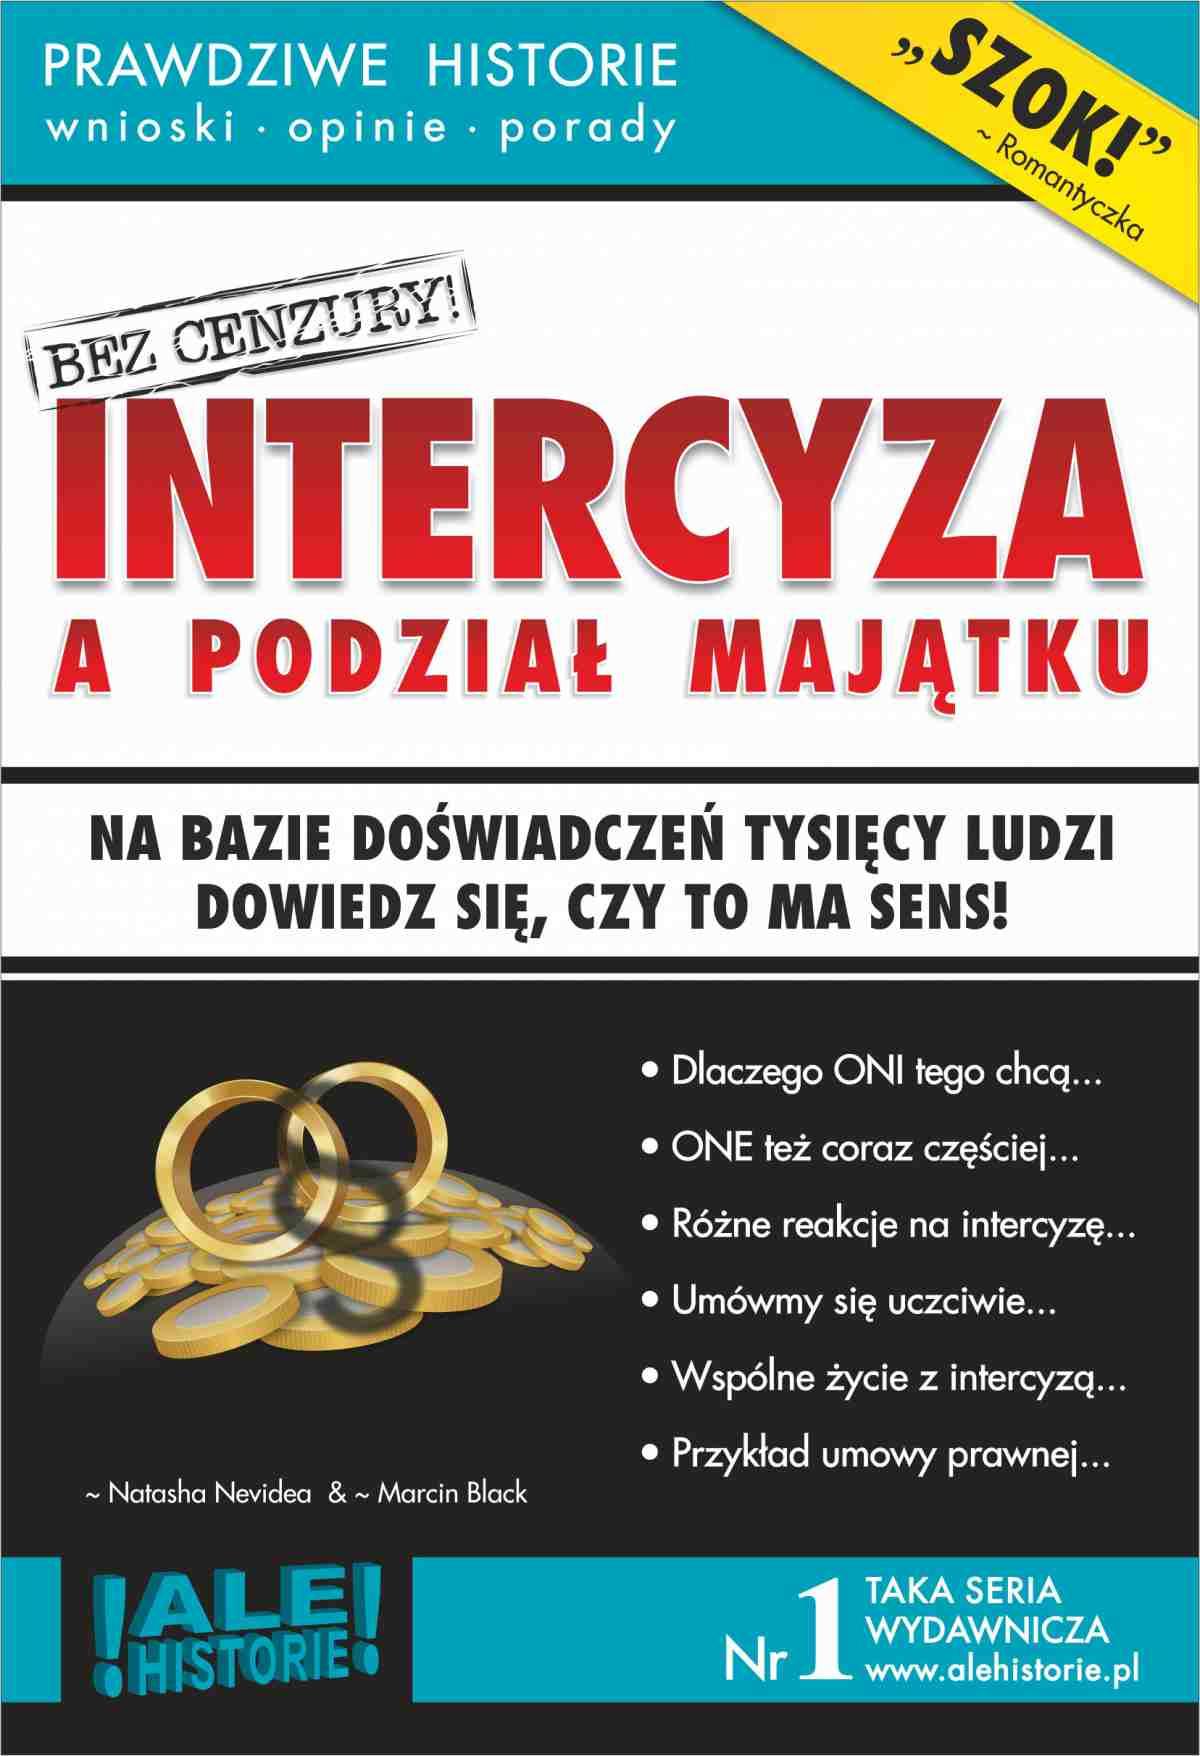 Intercyza a podział majątku. Prawdziwe historie, wnioski, opinie, porady... - Ebook (Książka na Kindle) do pobrania w formacie MOBI